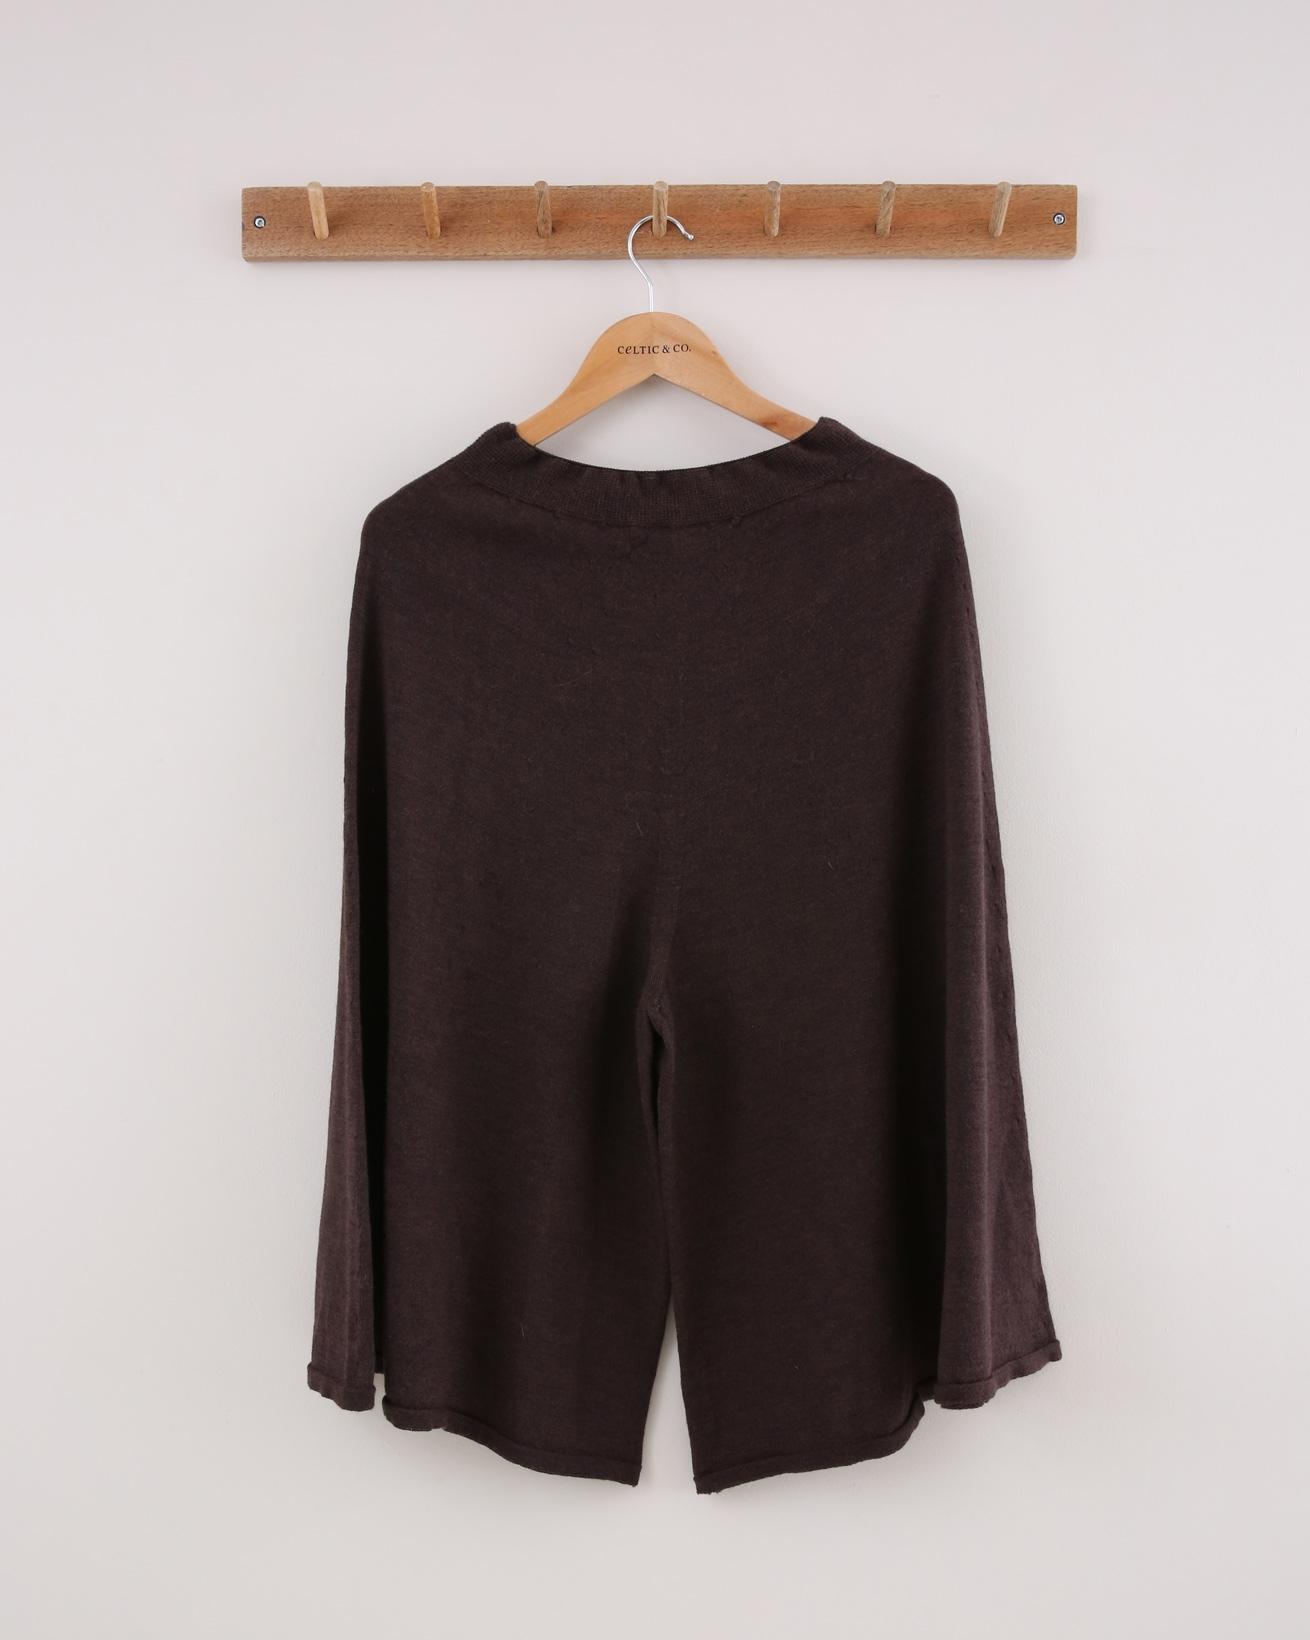 Merino Culottes - Size Small - Brown - 1523